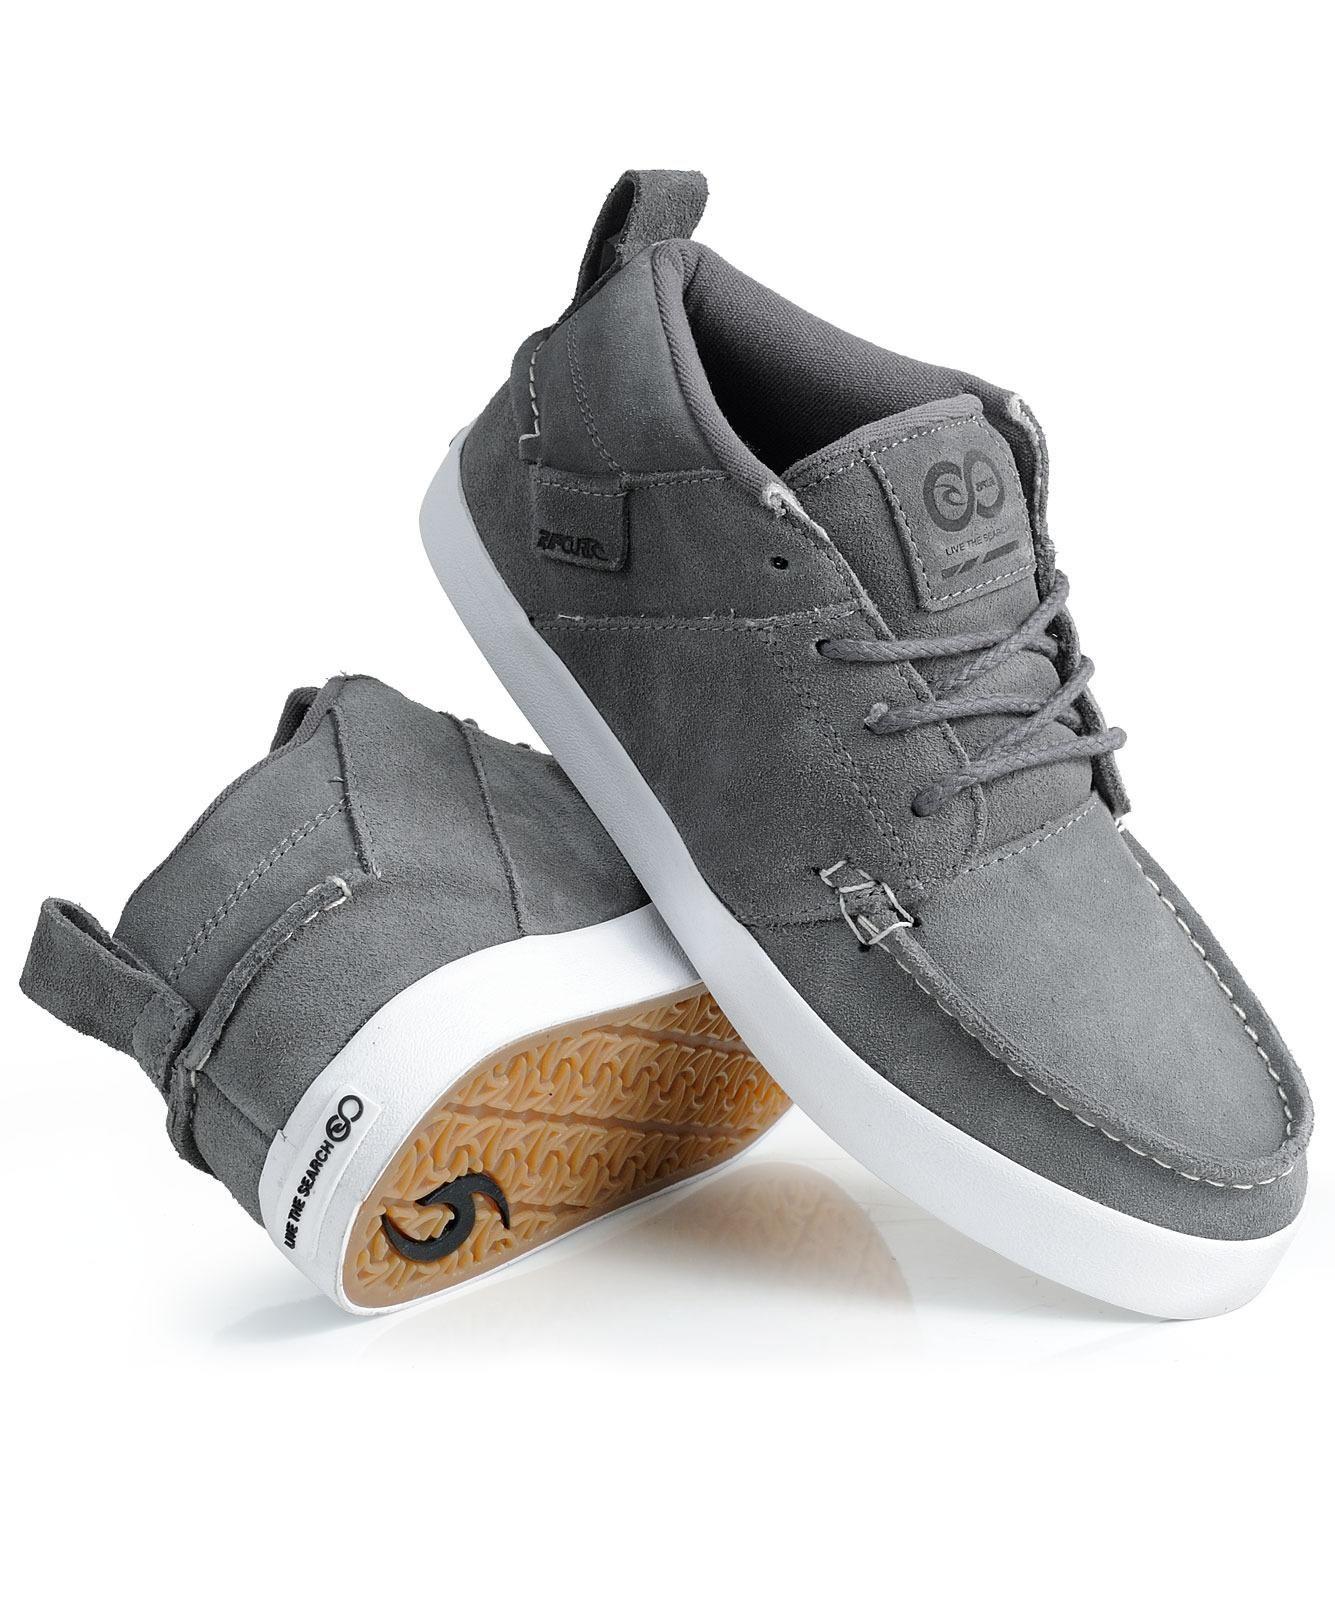 Chaussures Noires Rip Curl Men Wxj3i